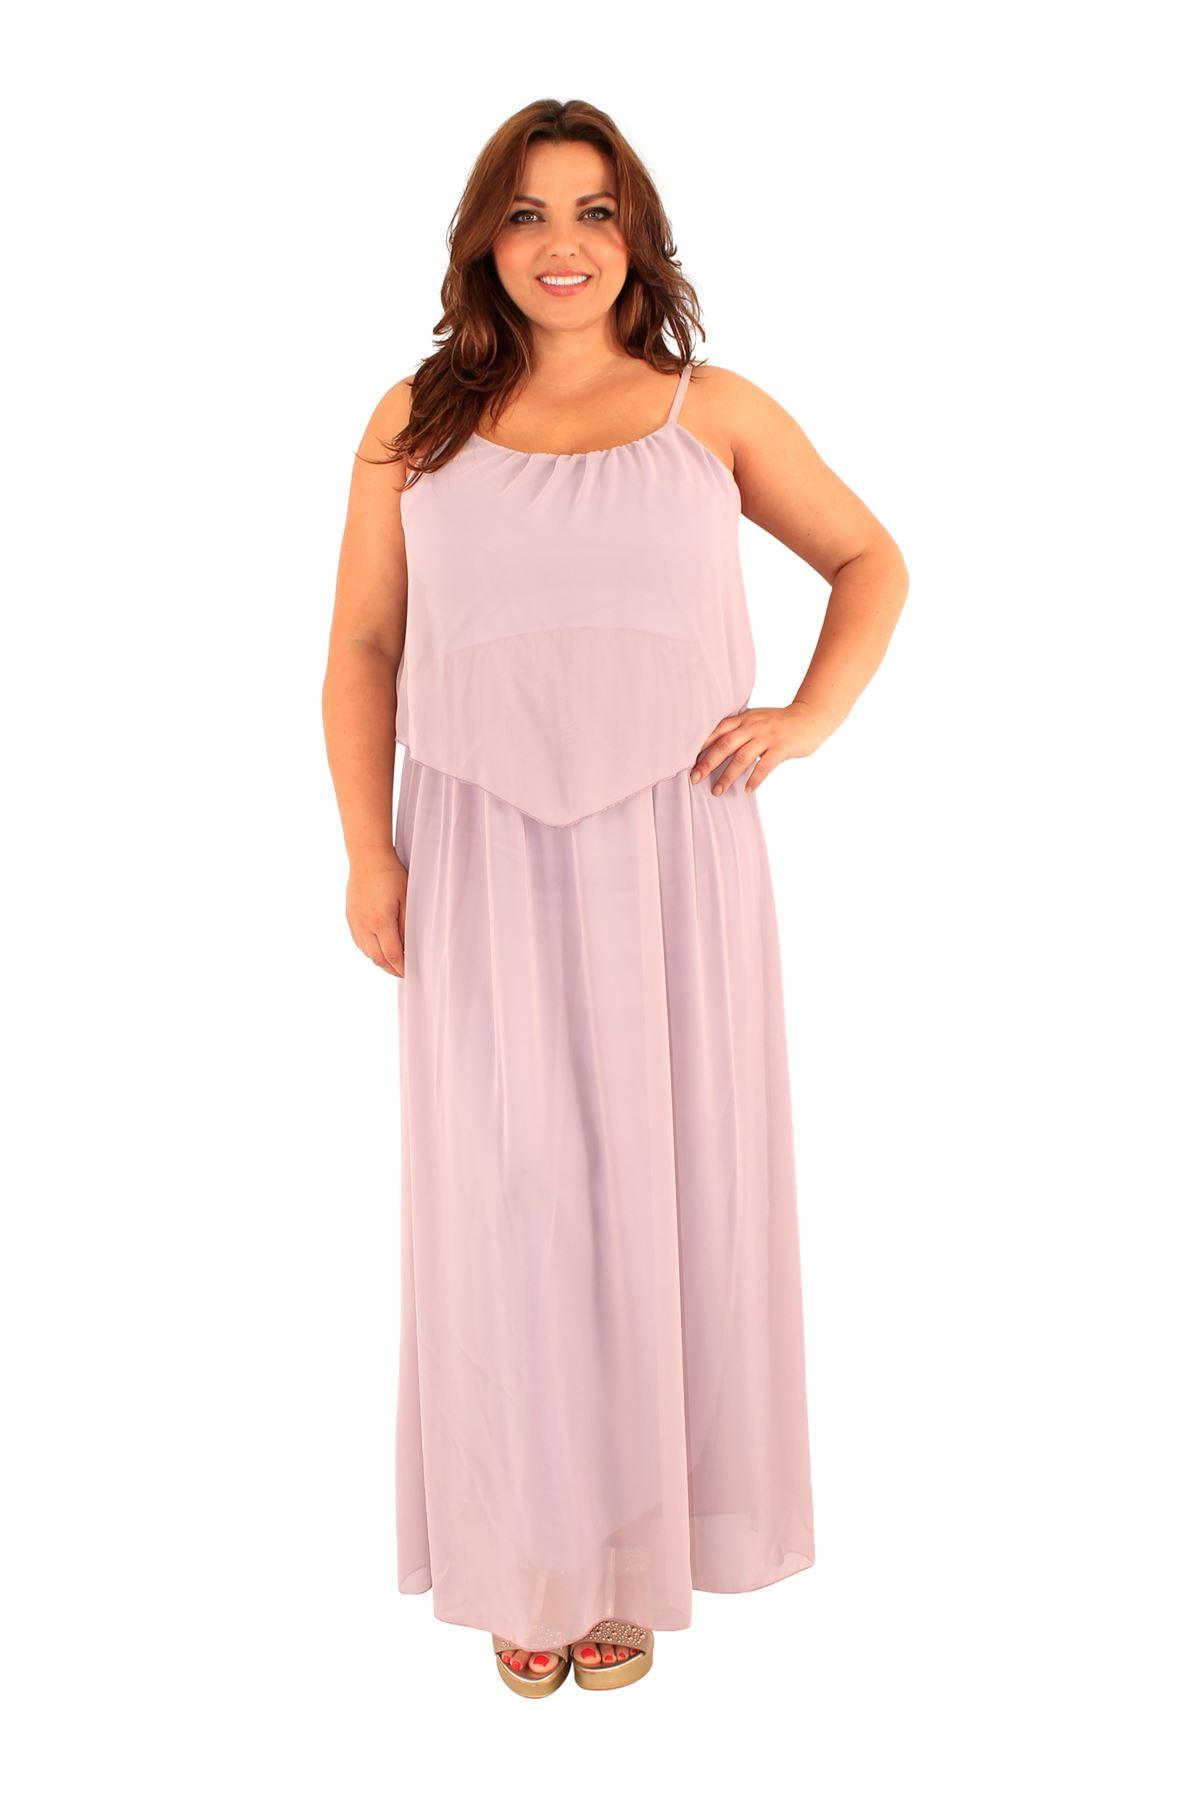 Chiffon maxi dress 16